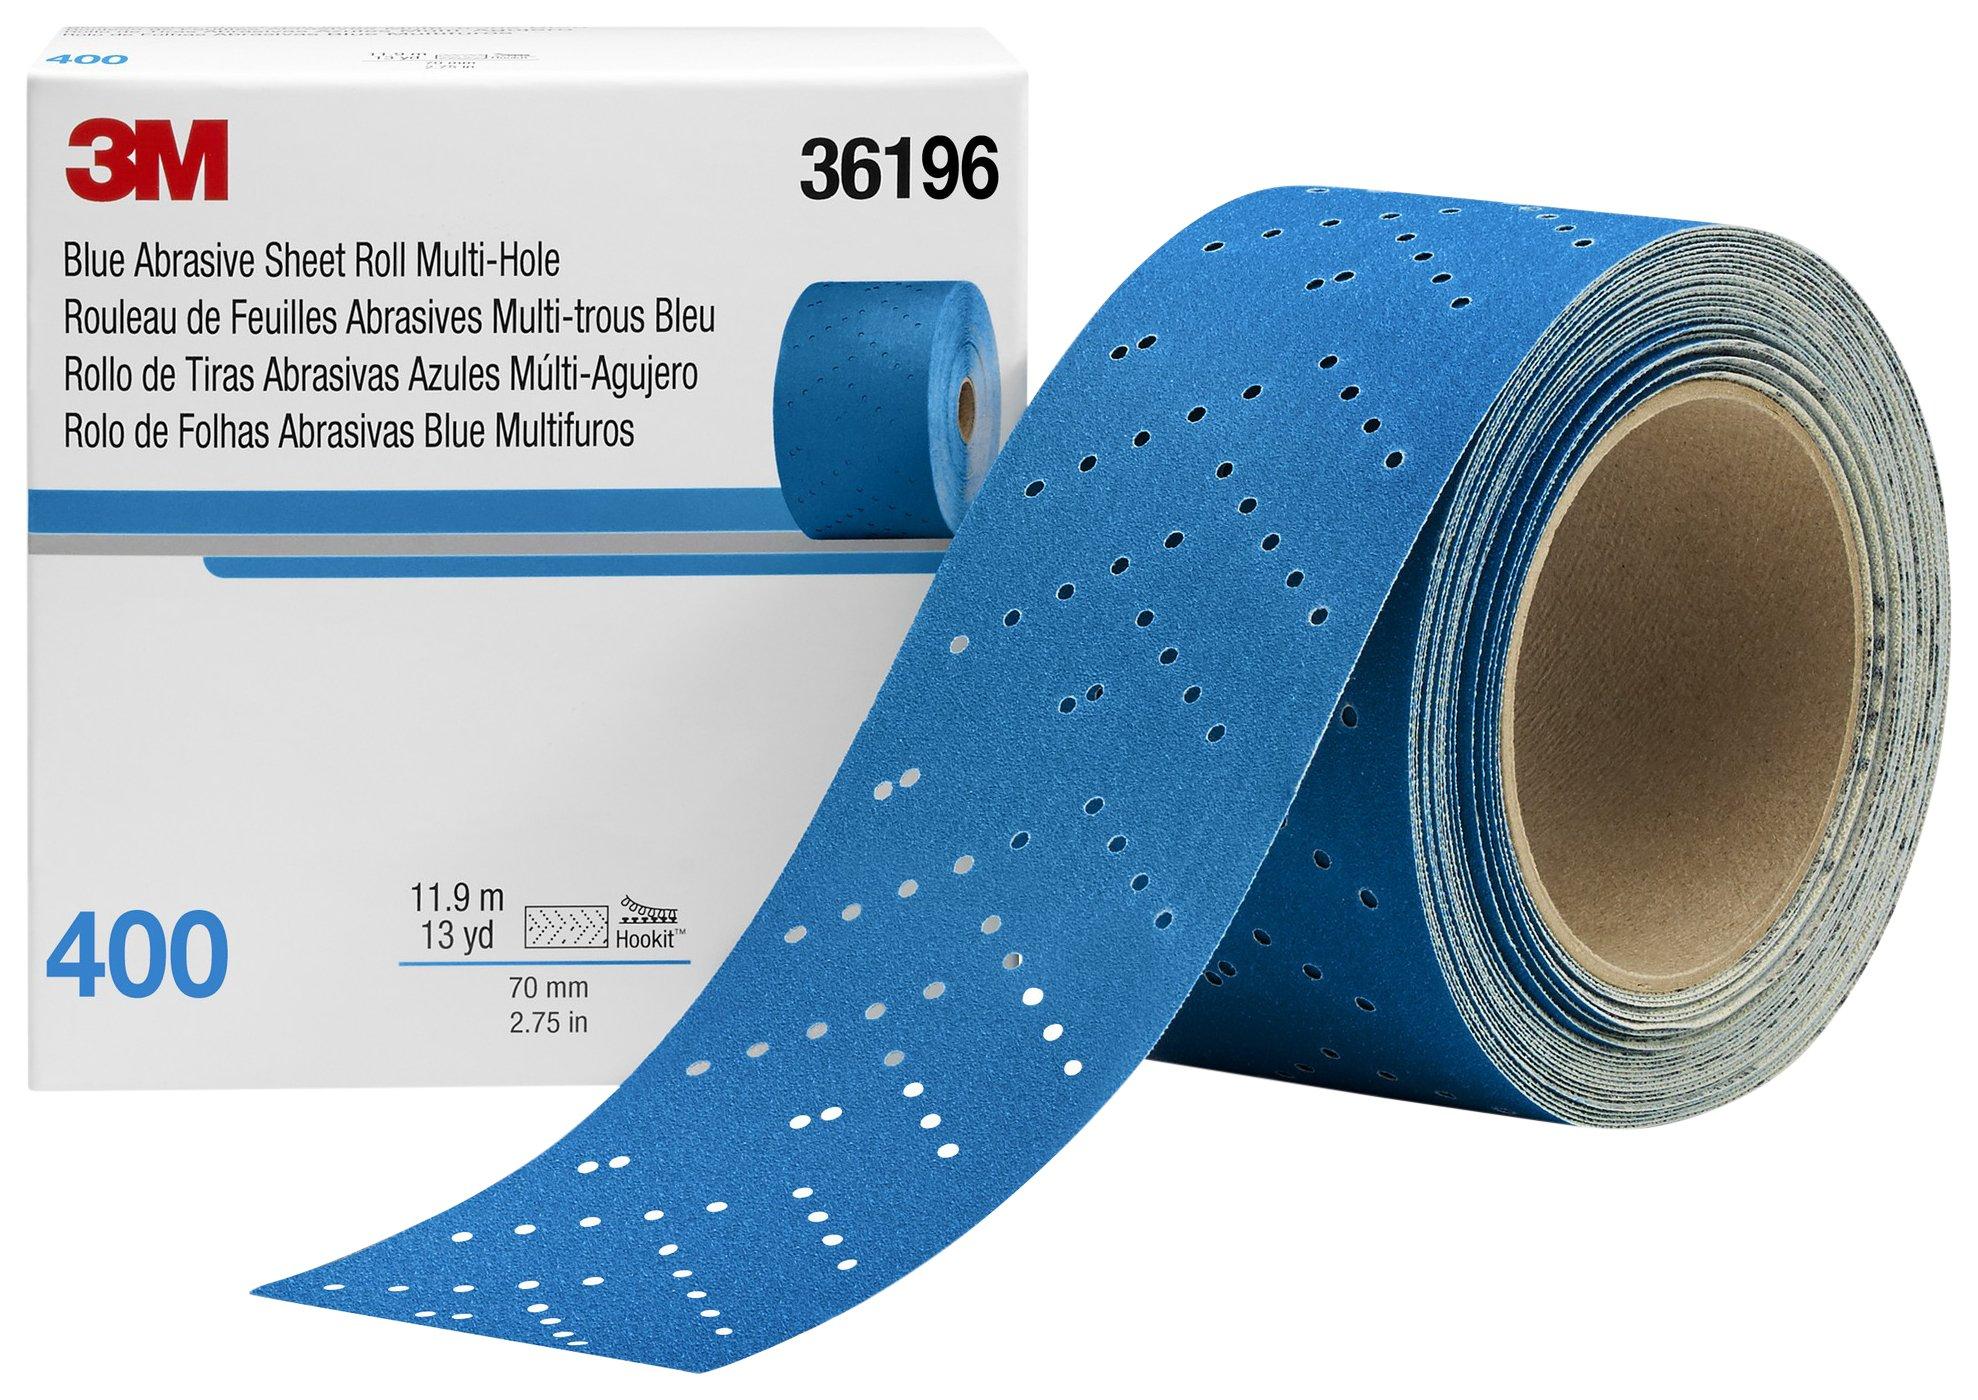 Hookit 36196 Blue Abrasive Sheet Roll